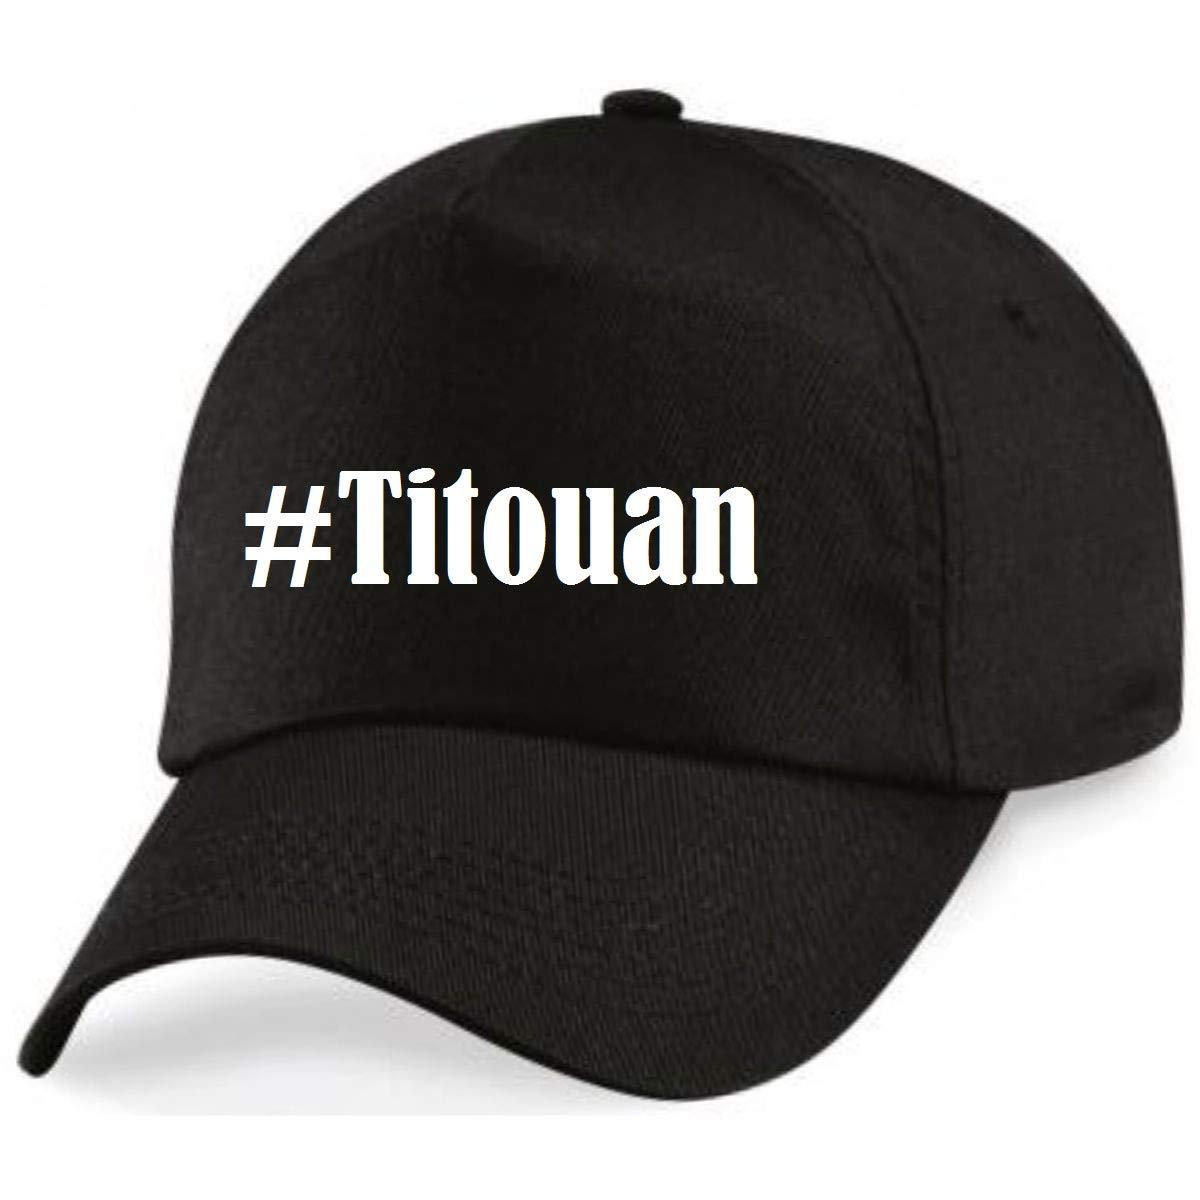 Casquettes de Baseball #Titouan Hashtag Diamant Social Network Basecap pour Les Hommes Femmes Gar/çon /& Fille en Noir